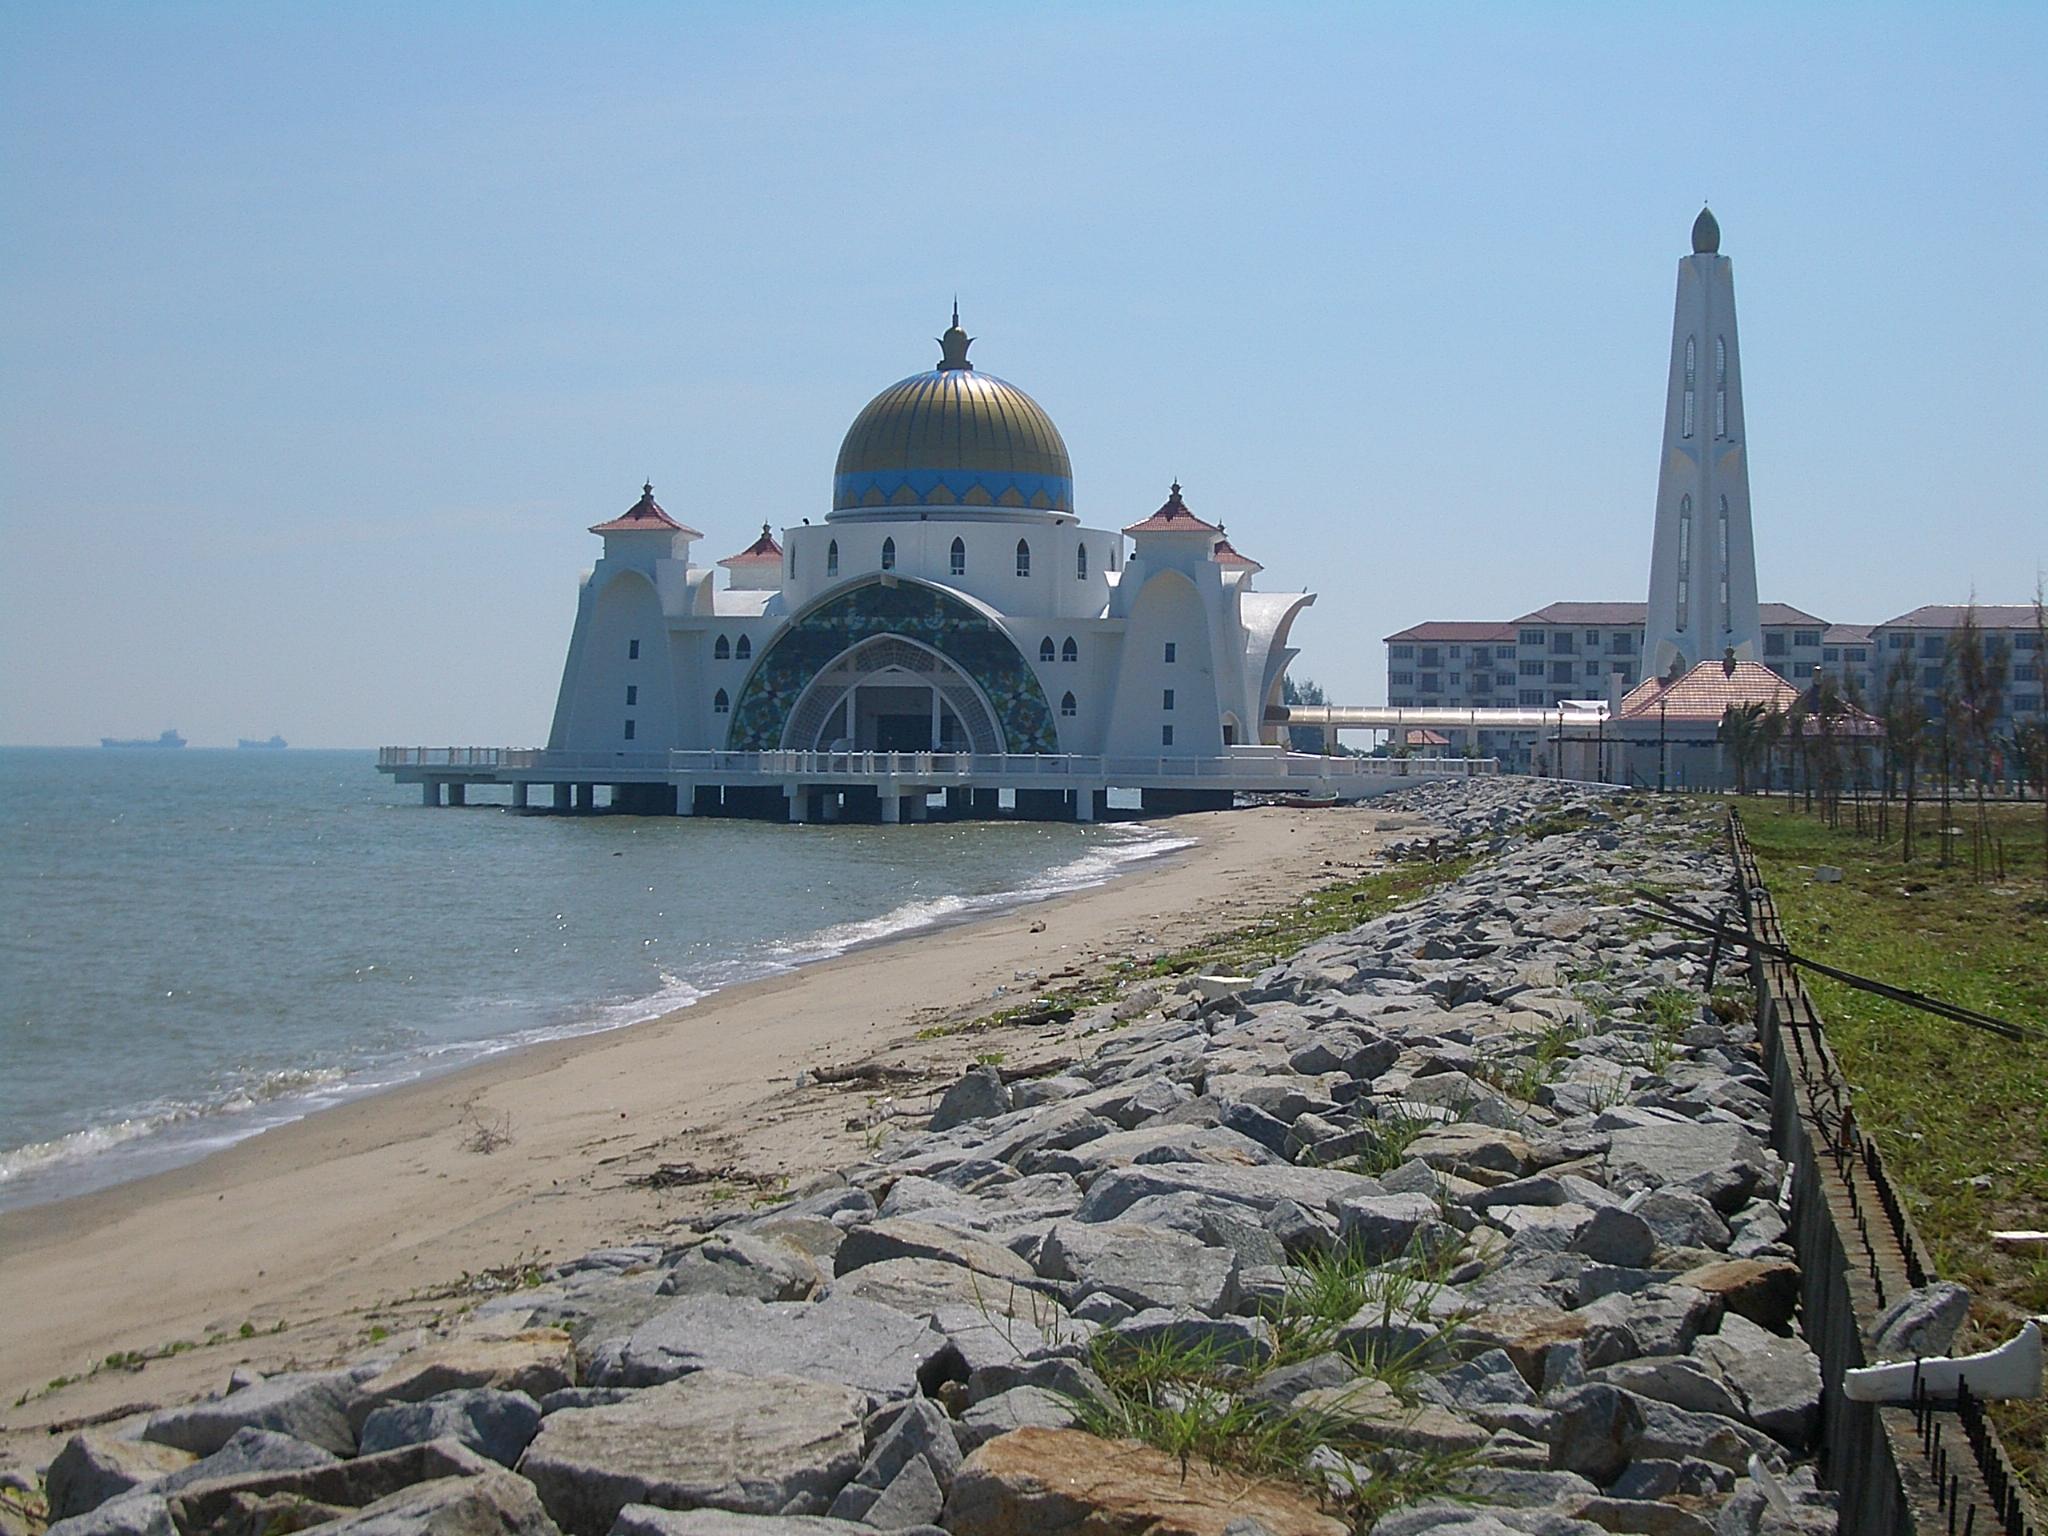 Homestay Masjid Selat Melaka File:masjid-selat-melaka-2260